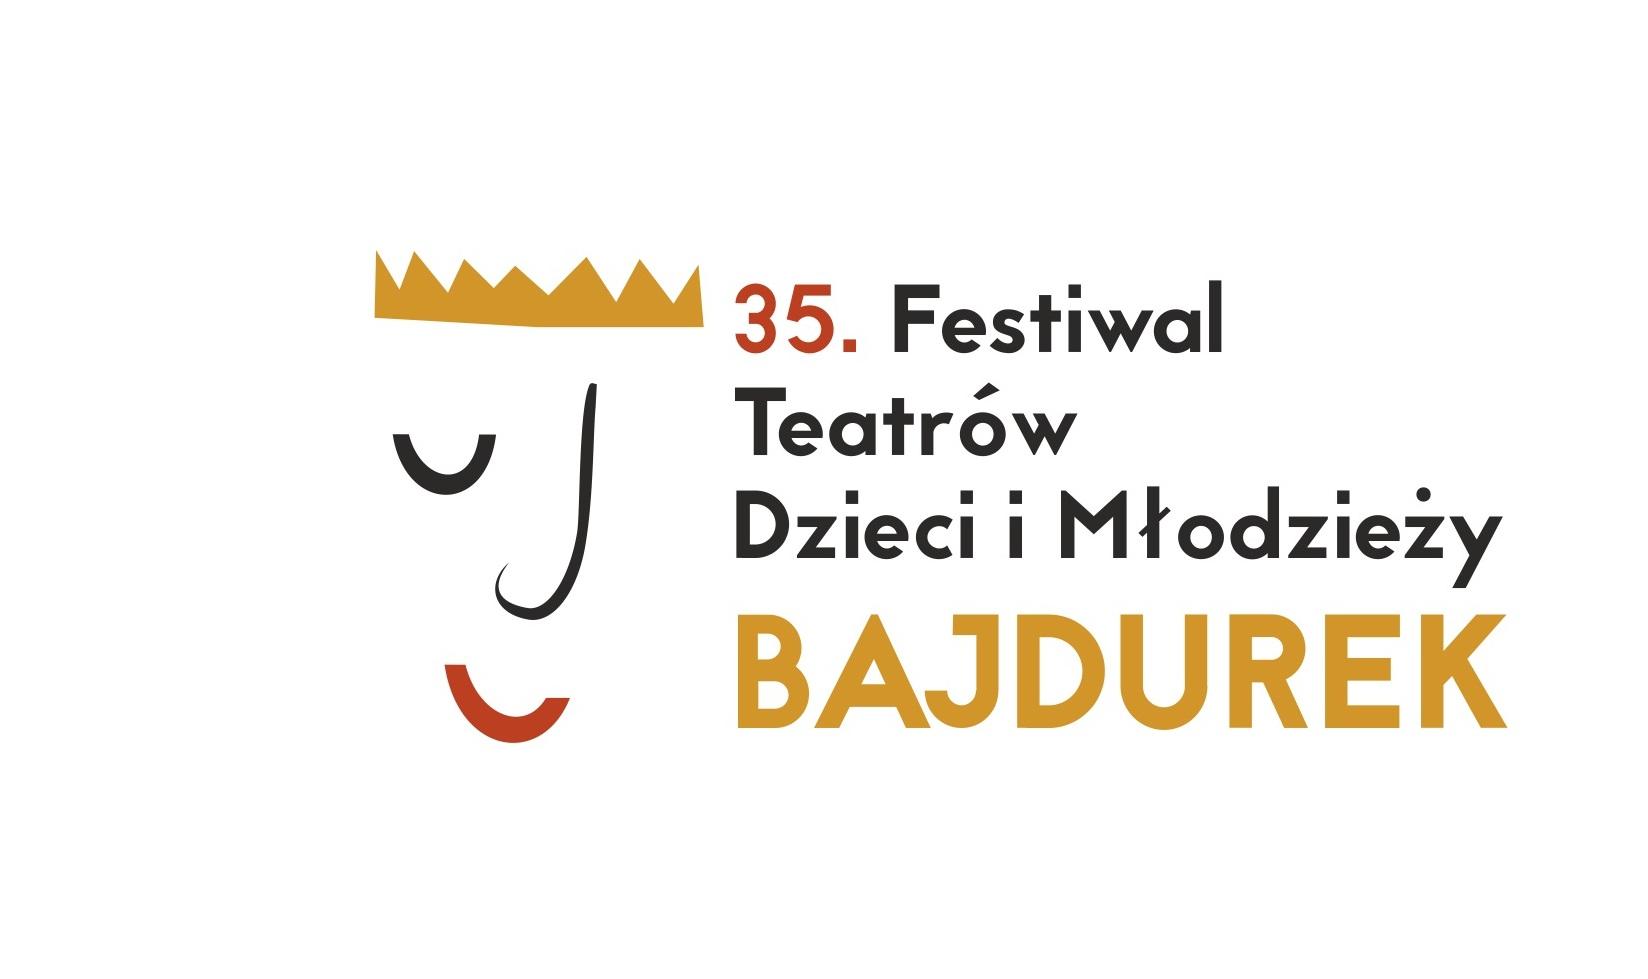 35. Festiwal Teatrów Dzieci i Młodzieży Bajdurek